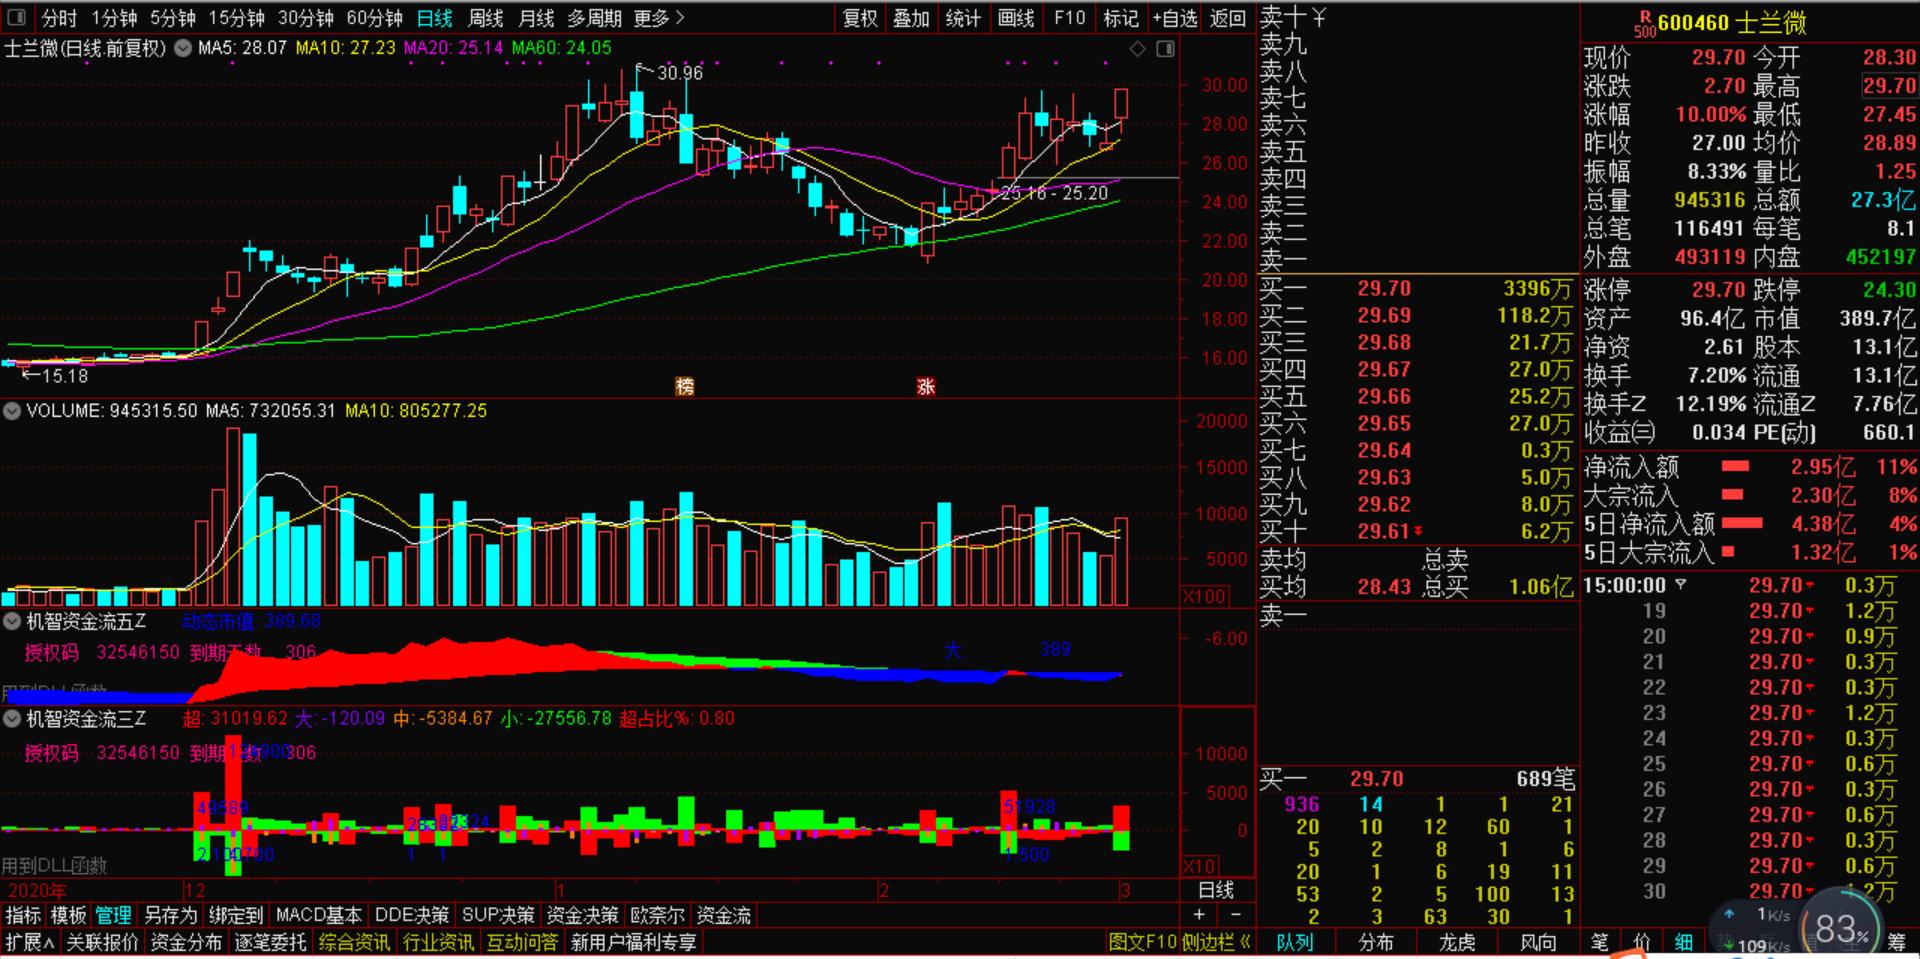 3月2号机智软件|因为一则消息,该板块的牛股顺势爆发股价飞天!